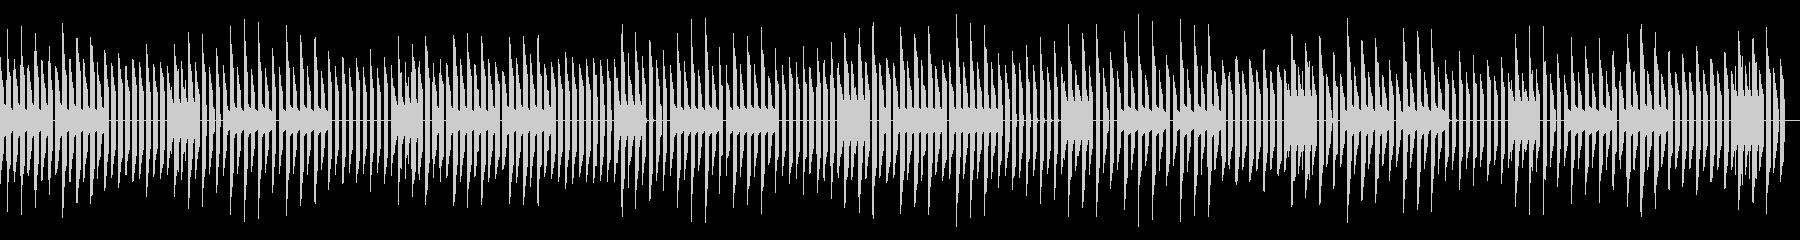 かえるの合唱 (ファミコン)の未再生の波形